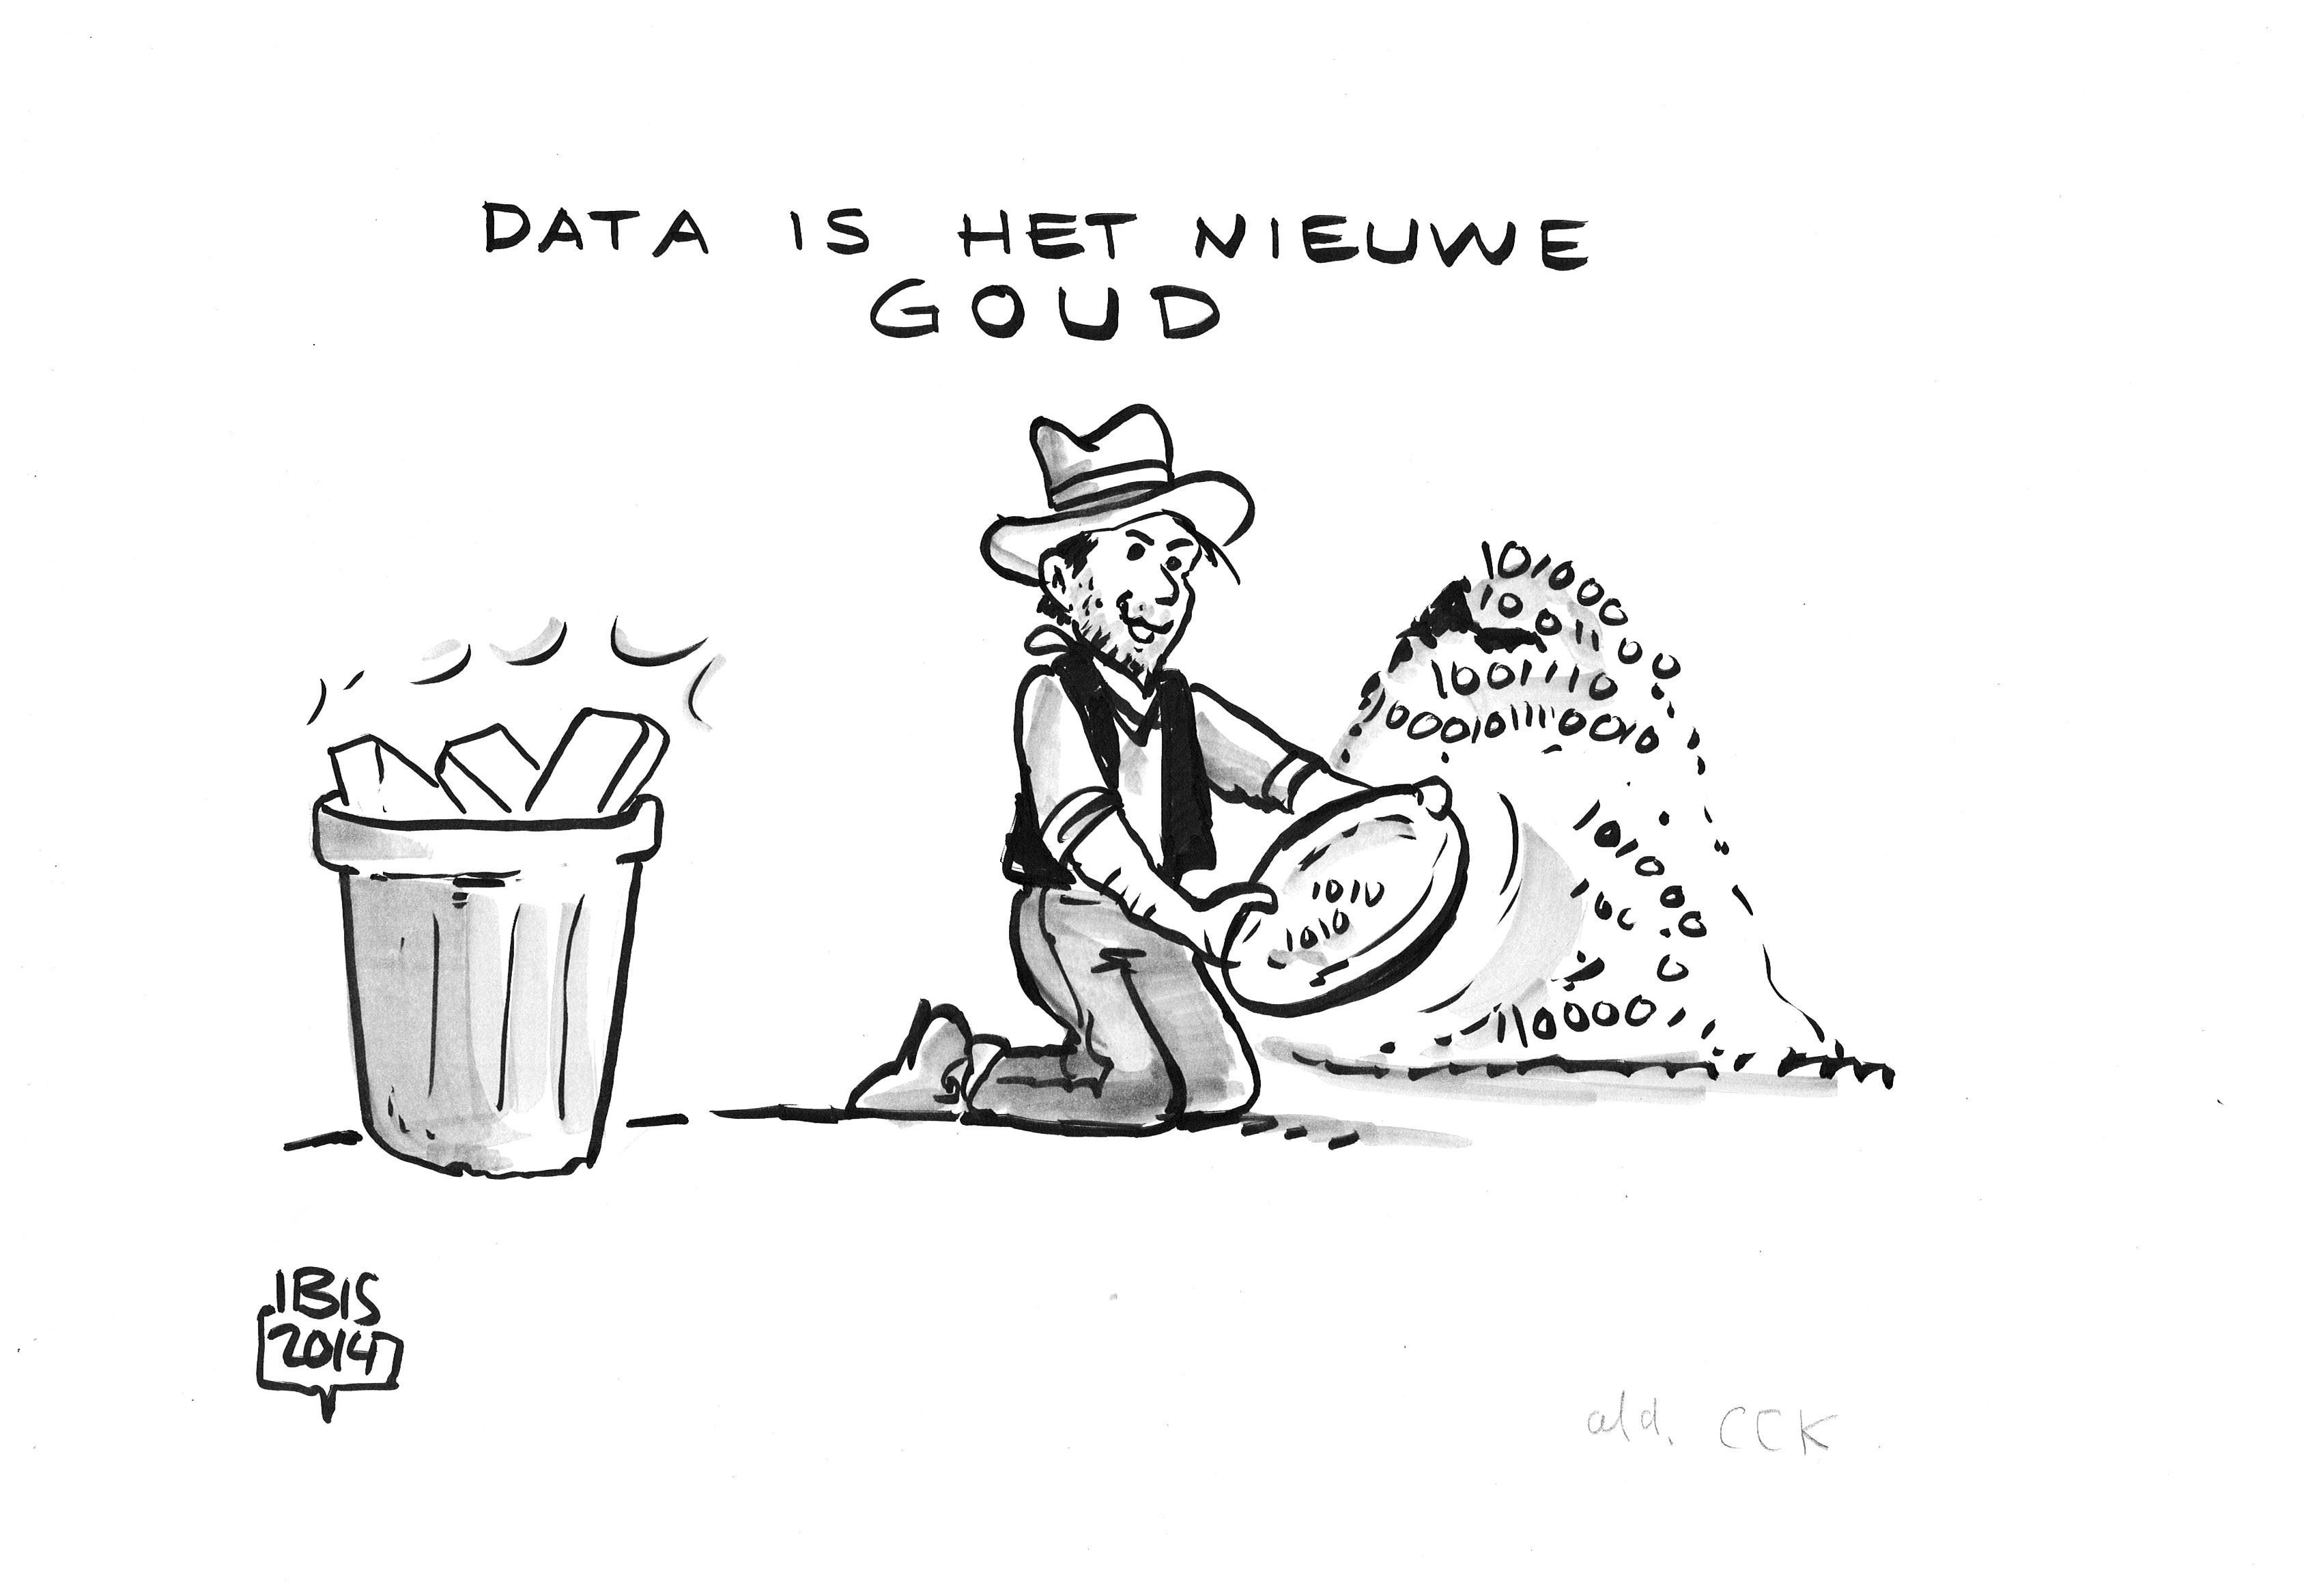 Live cartooning: Data is het nieuwe goud